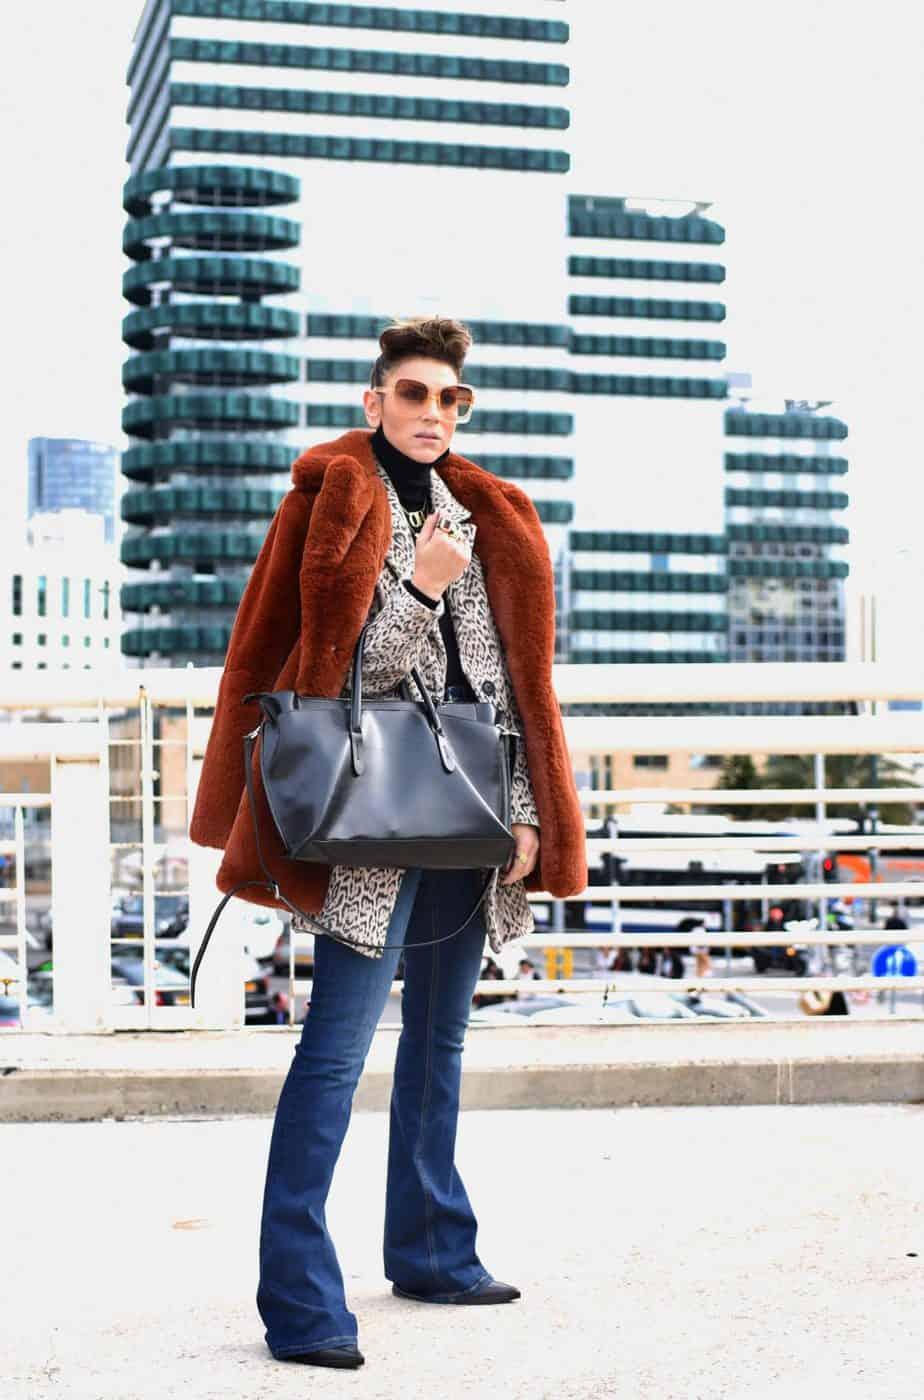 ג'ינס, גולף, מגפיים, תיק וטבעות: זארה | ז'קט מנומר ומעיל הפרווה (סינטטית כמובן) : ברשקה | משקפי שמש: private vintage collection |תכשיטים: שרשרת OH - @oro_wear_your_idea, שרשרת queenO – @jouloujewelry, שרשרת אותיות - @finem.jewelry. אורנה חיות. צילום: לימור יערי